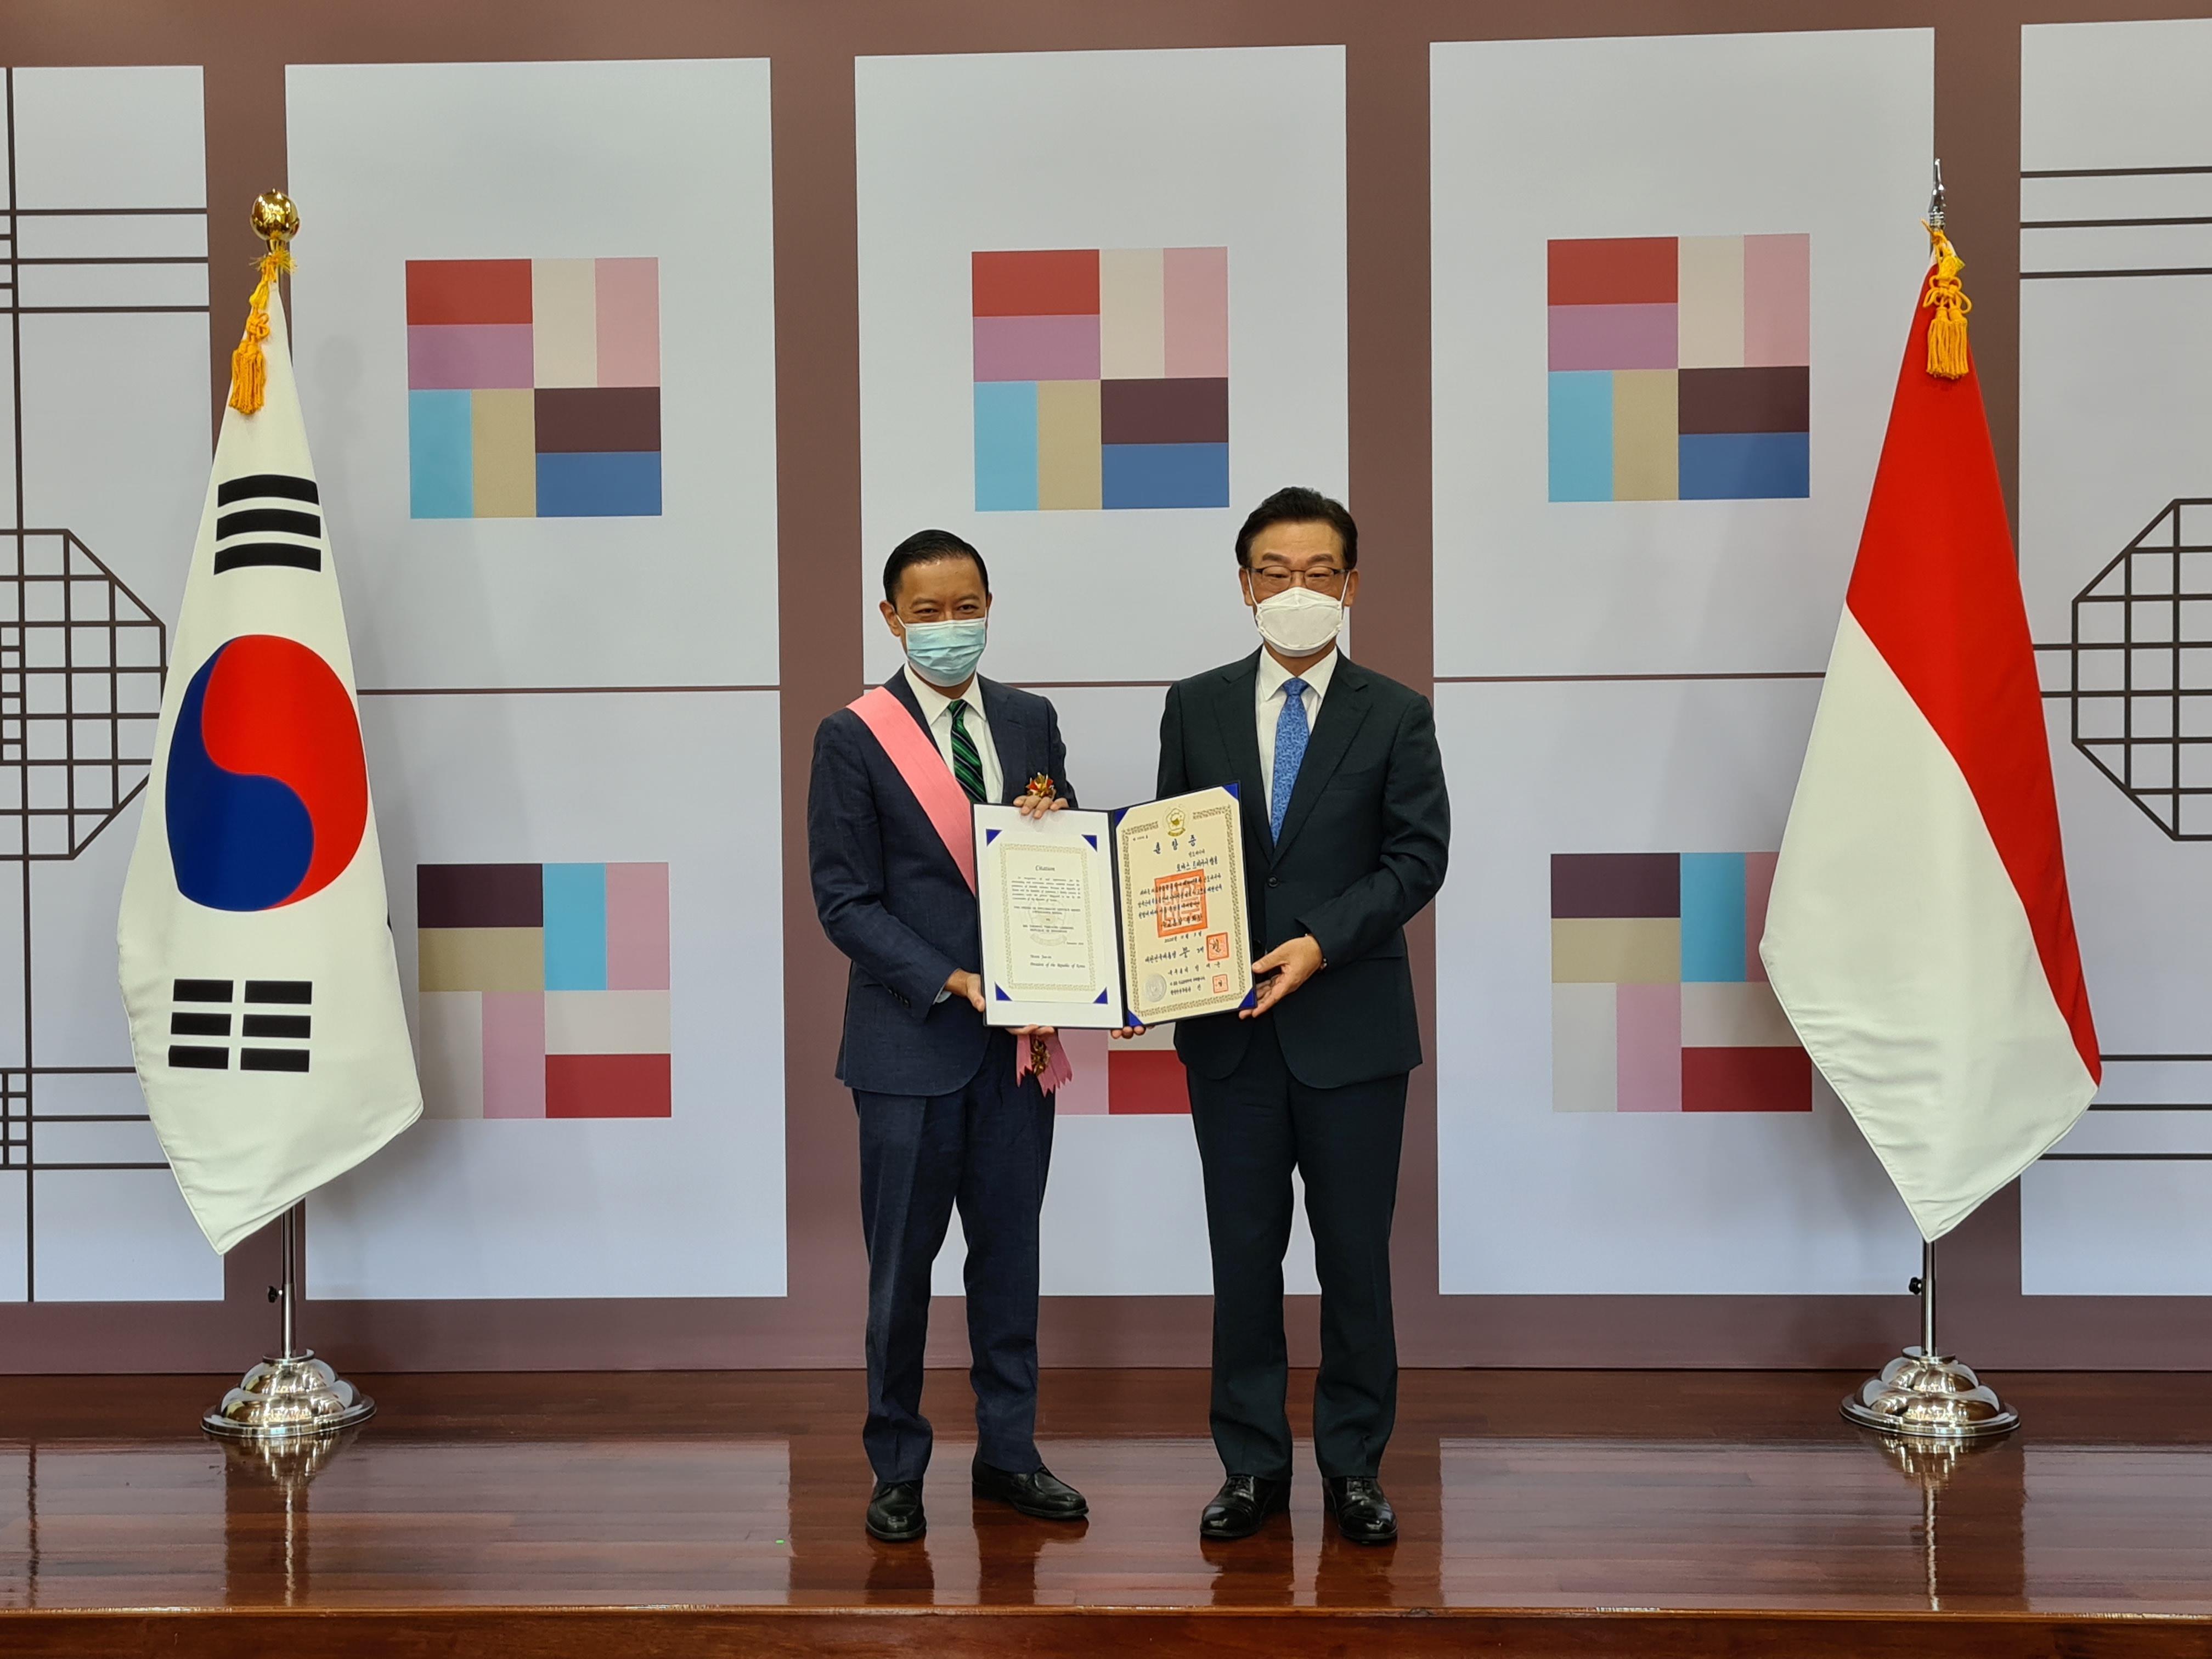 Penghargaan Thomas Lembong (saungkorea.com)